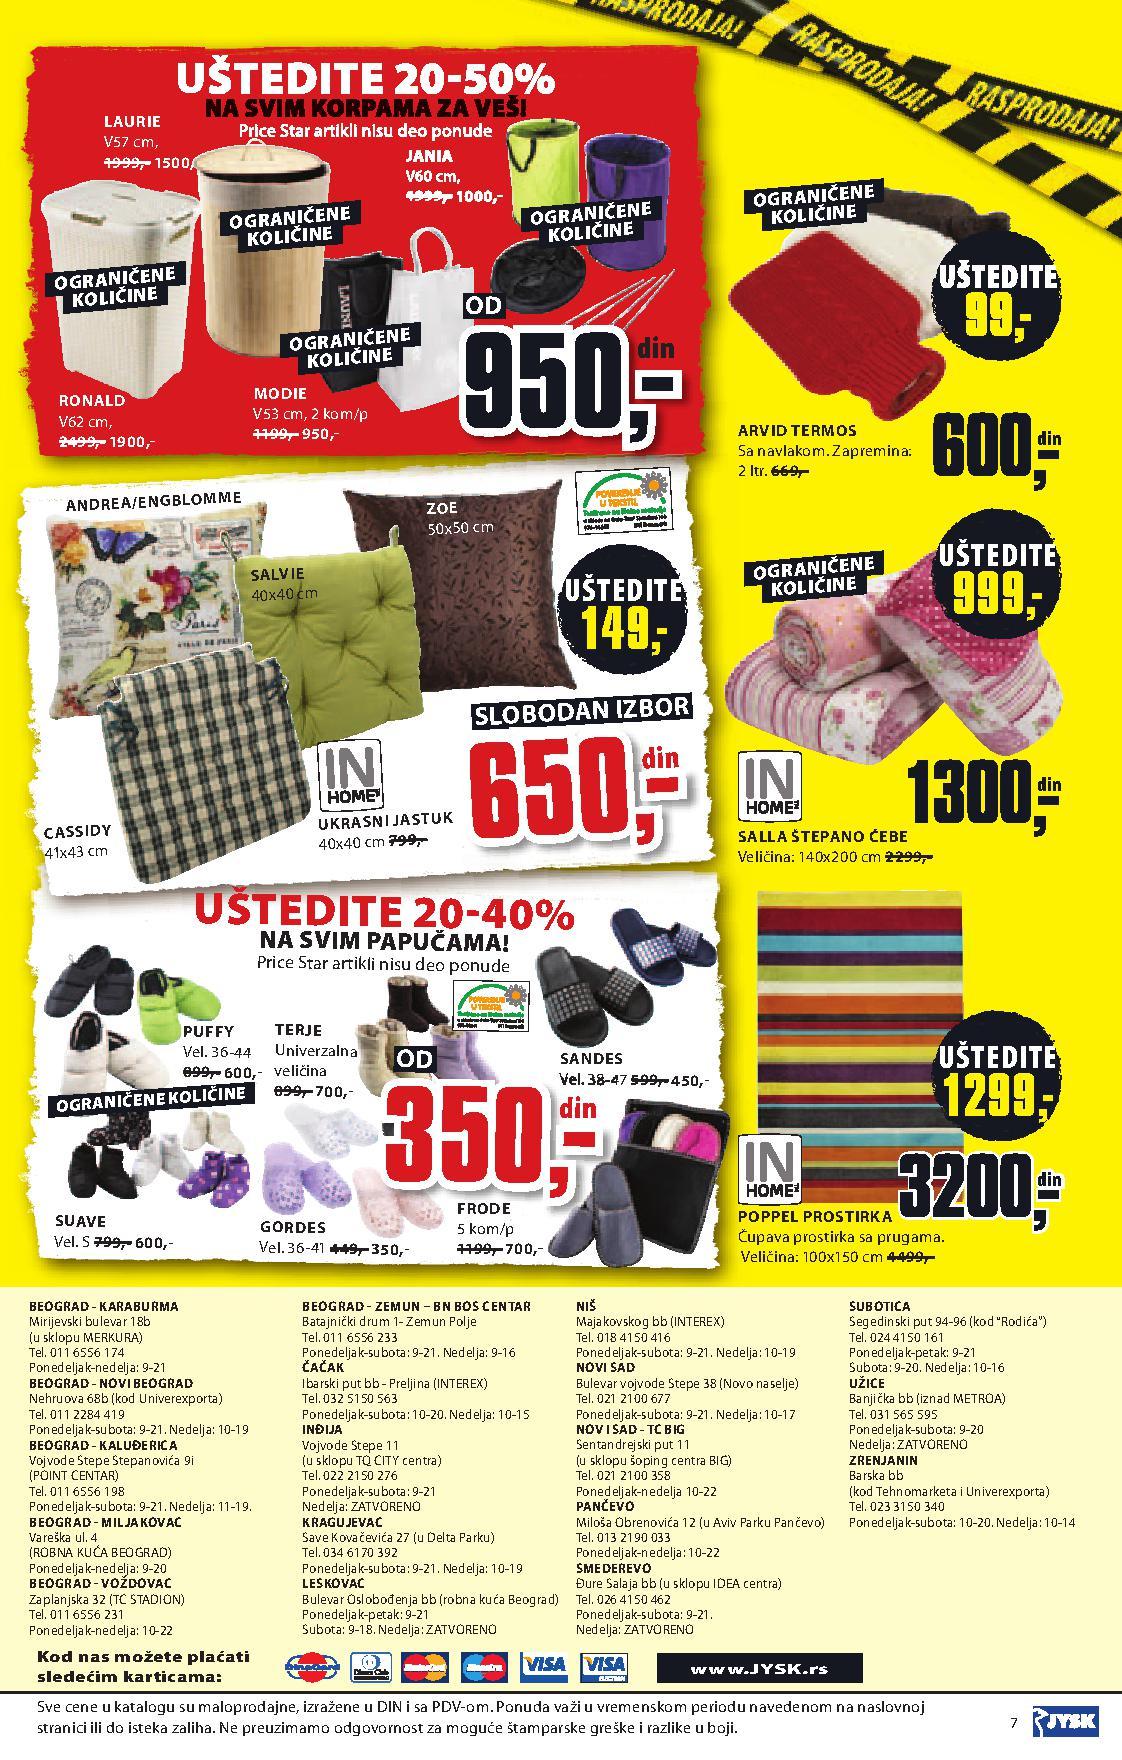 JYSK katalog novogodišnje rasprodaje